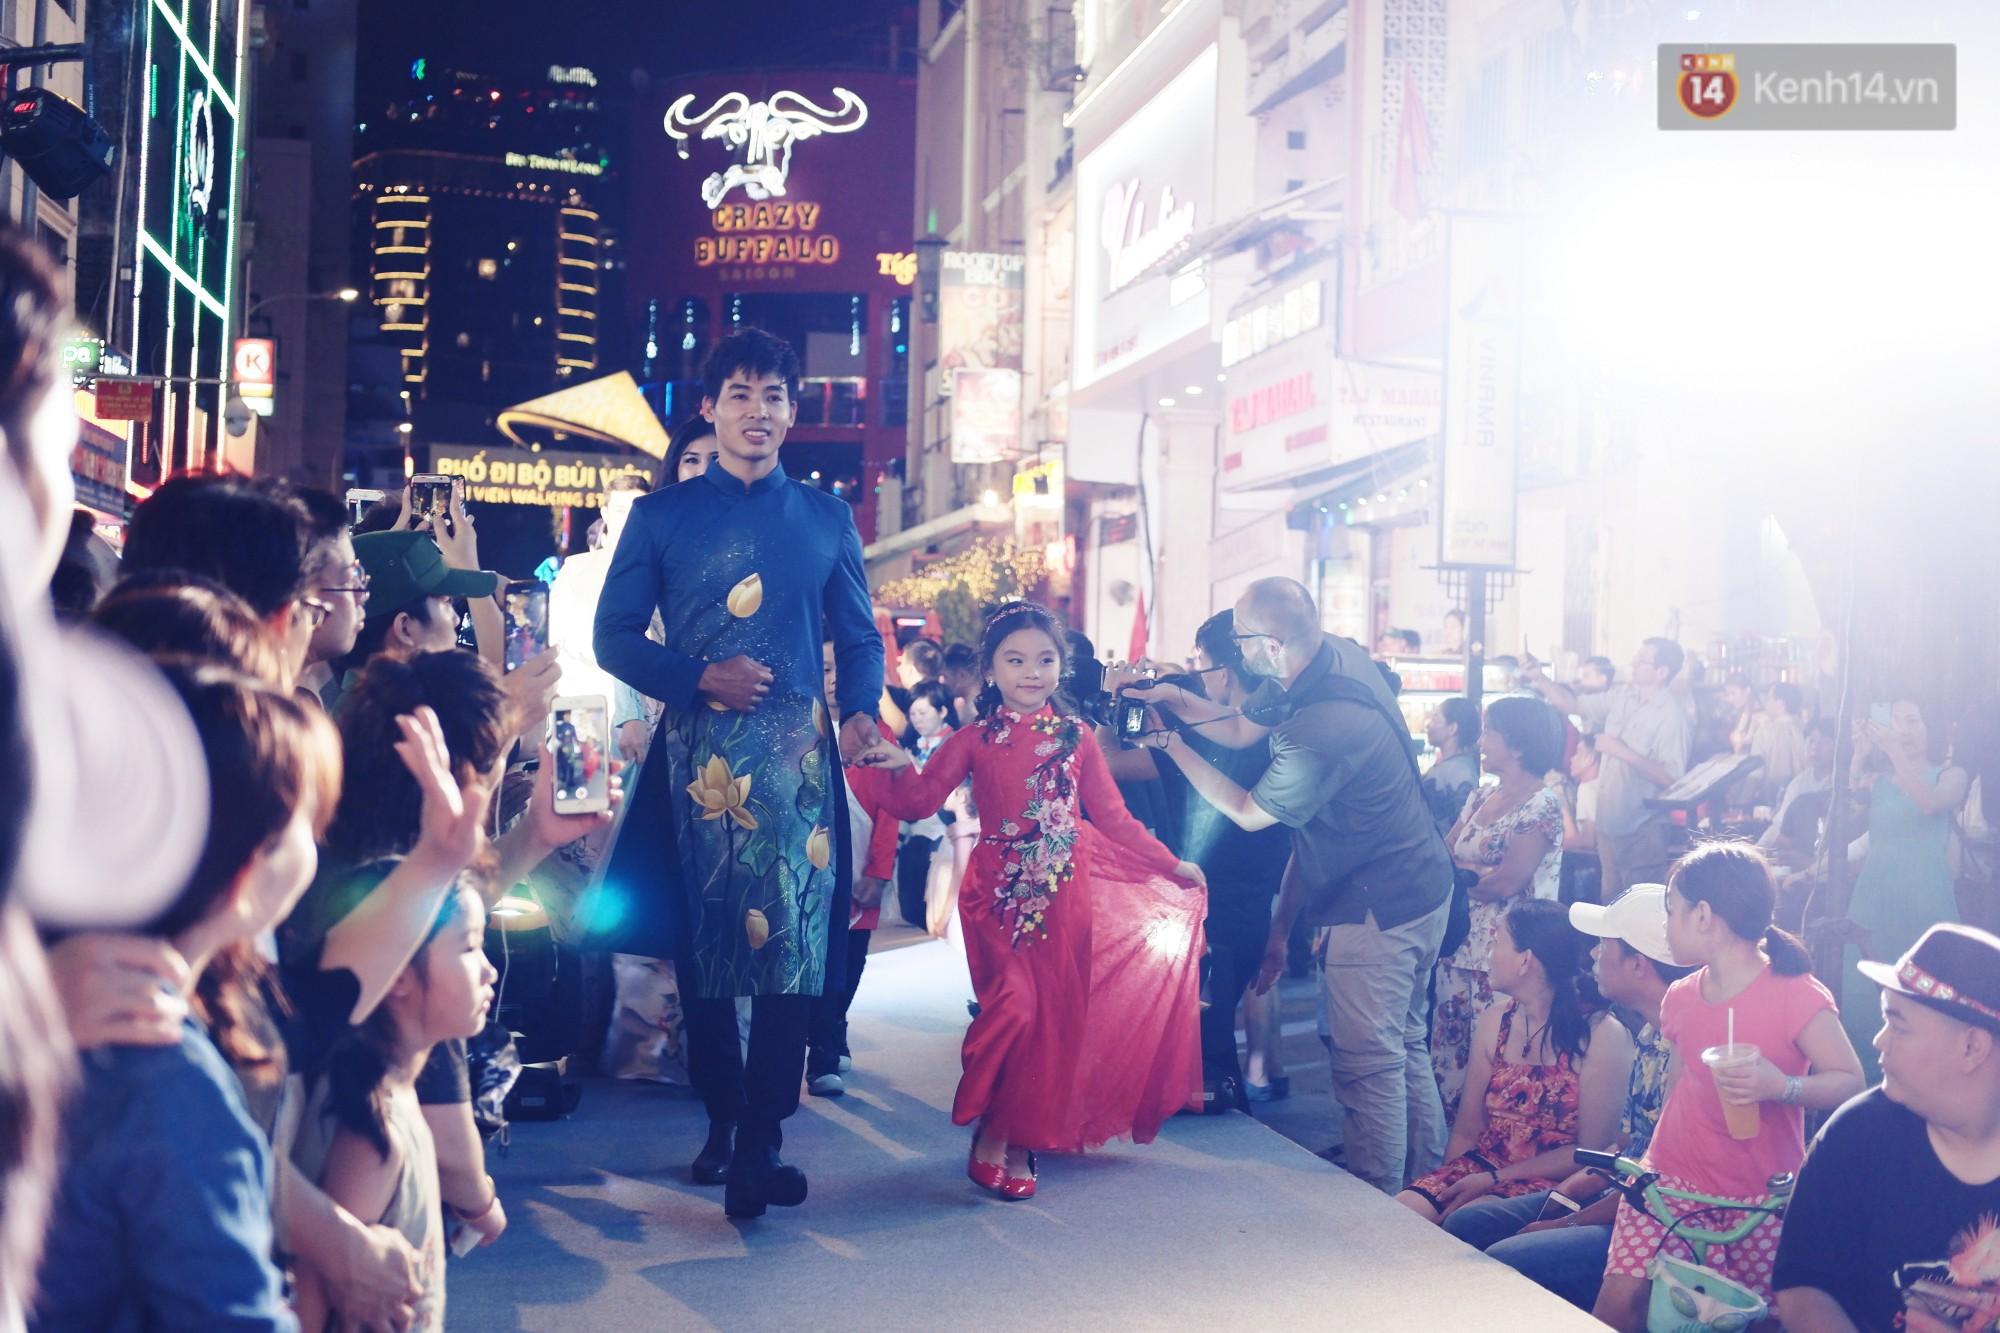 Phố đi bộ Bùi Viện náo nhiệt với màn trình diễn áo dài ấn tượng, du khách nước ngoài thích thú chiêm ngưỡng - Ảnh 3.